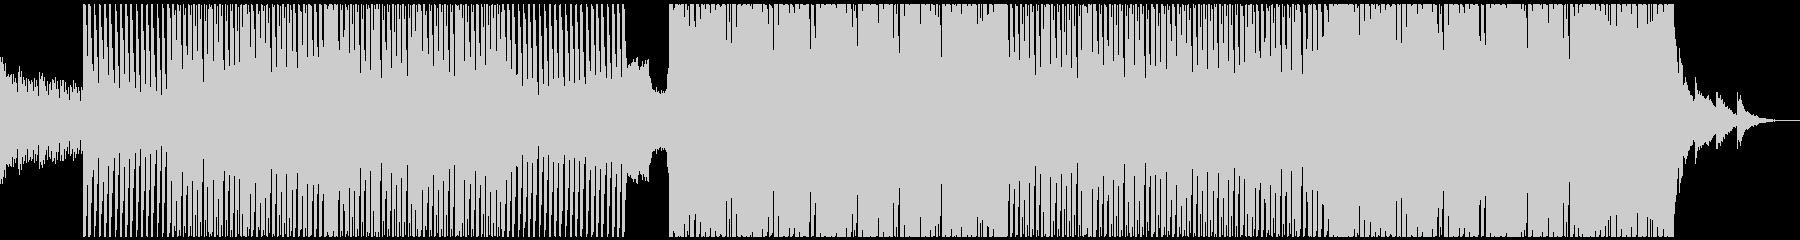 軽快なエレクトロハウスの未再生の波形